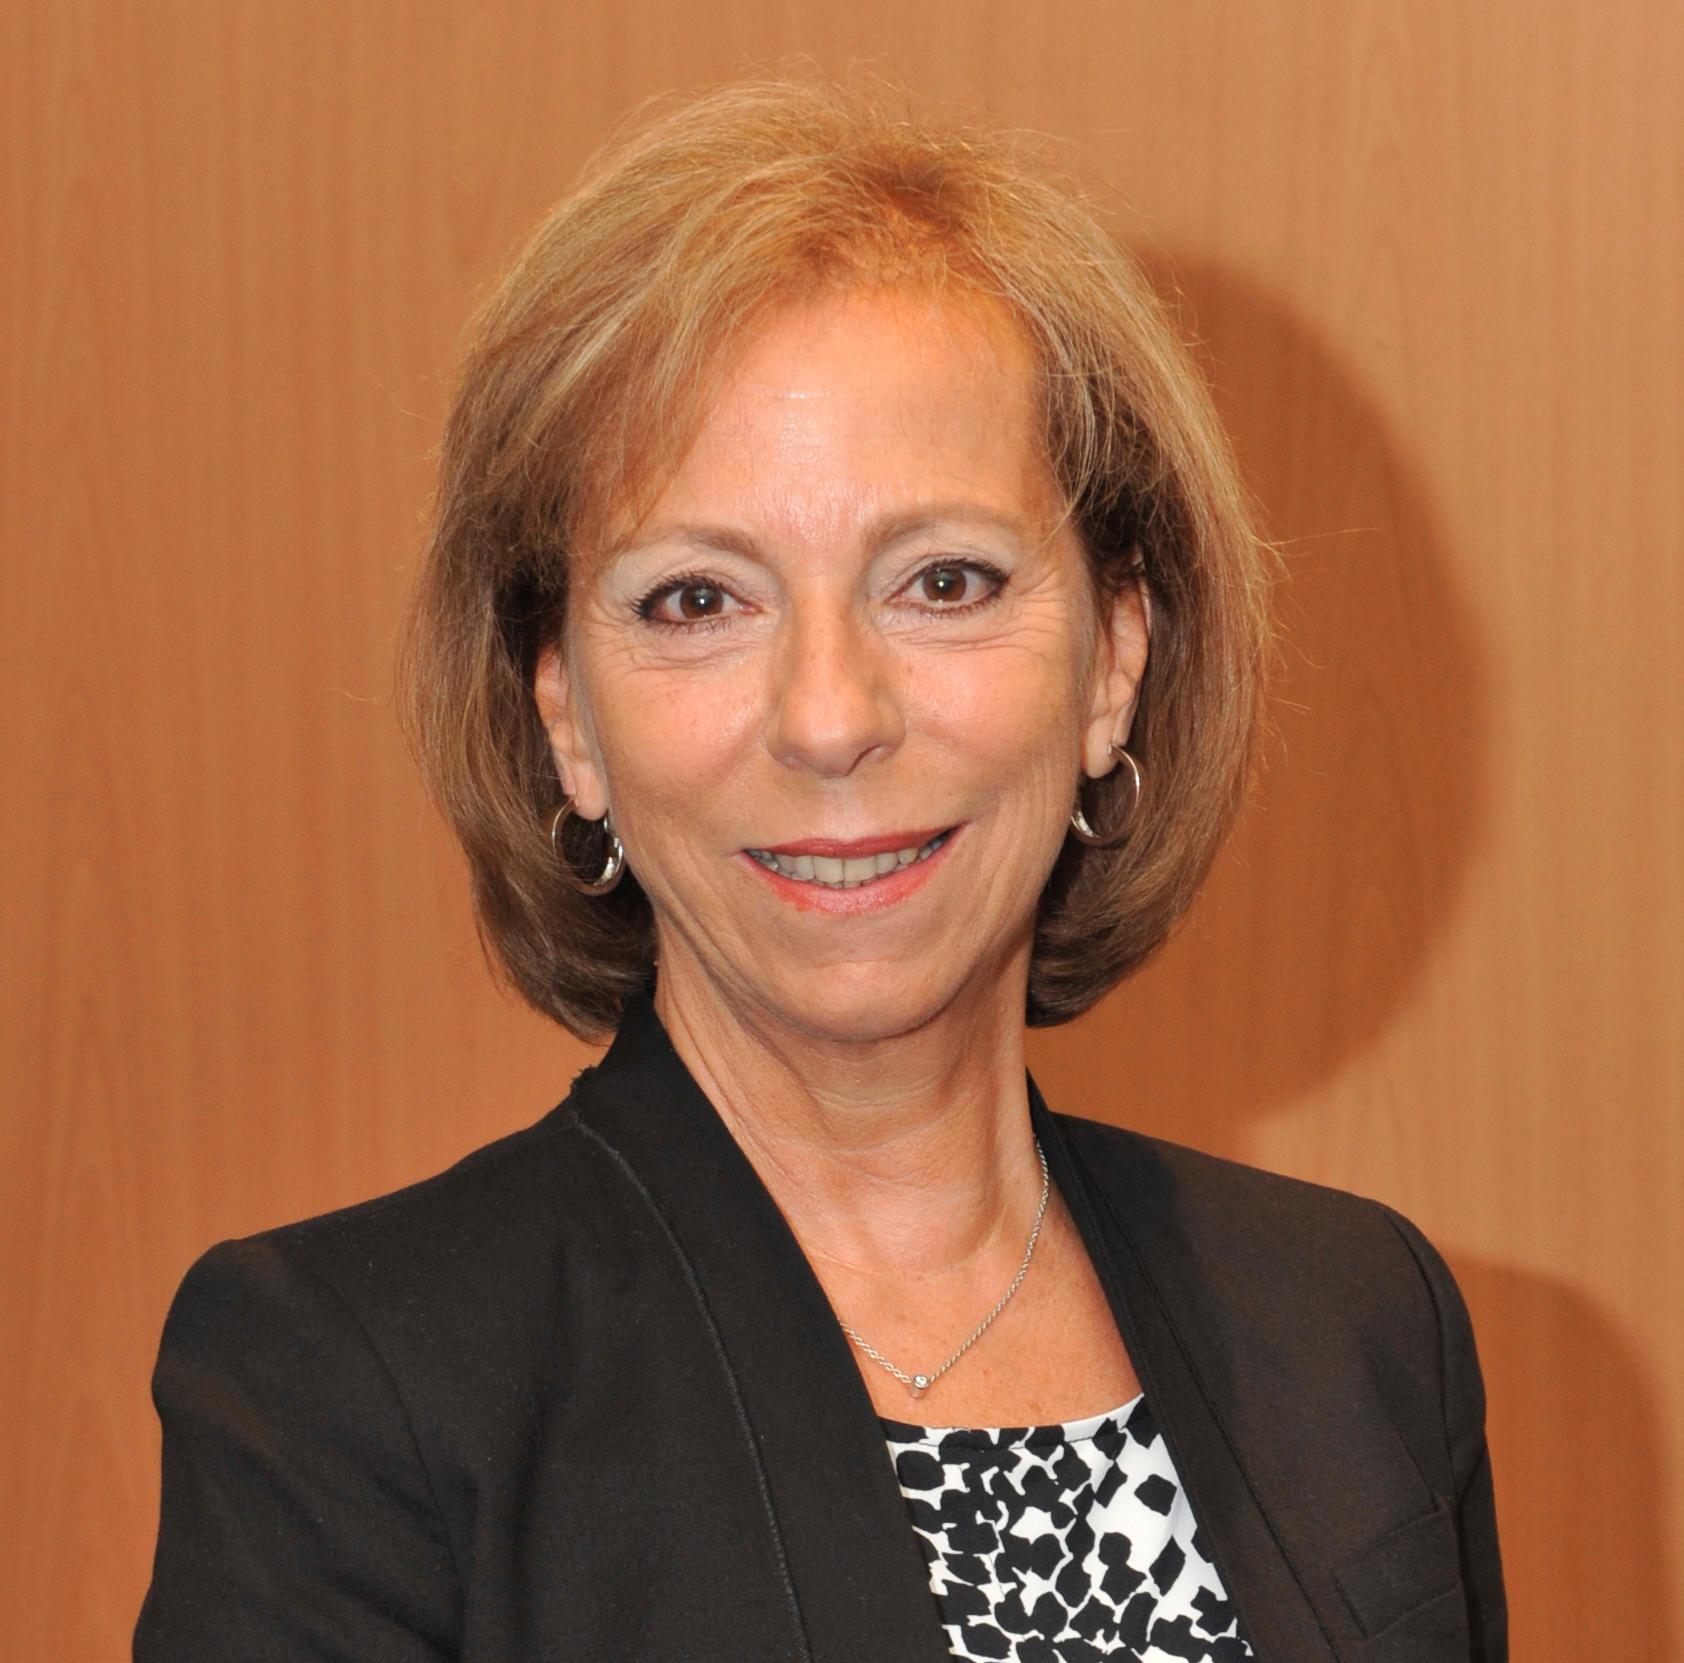 Teresa Presas to leave CEPI in May 2014